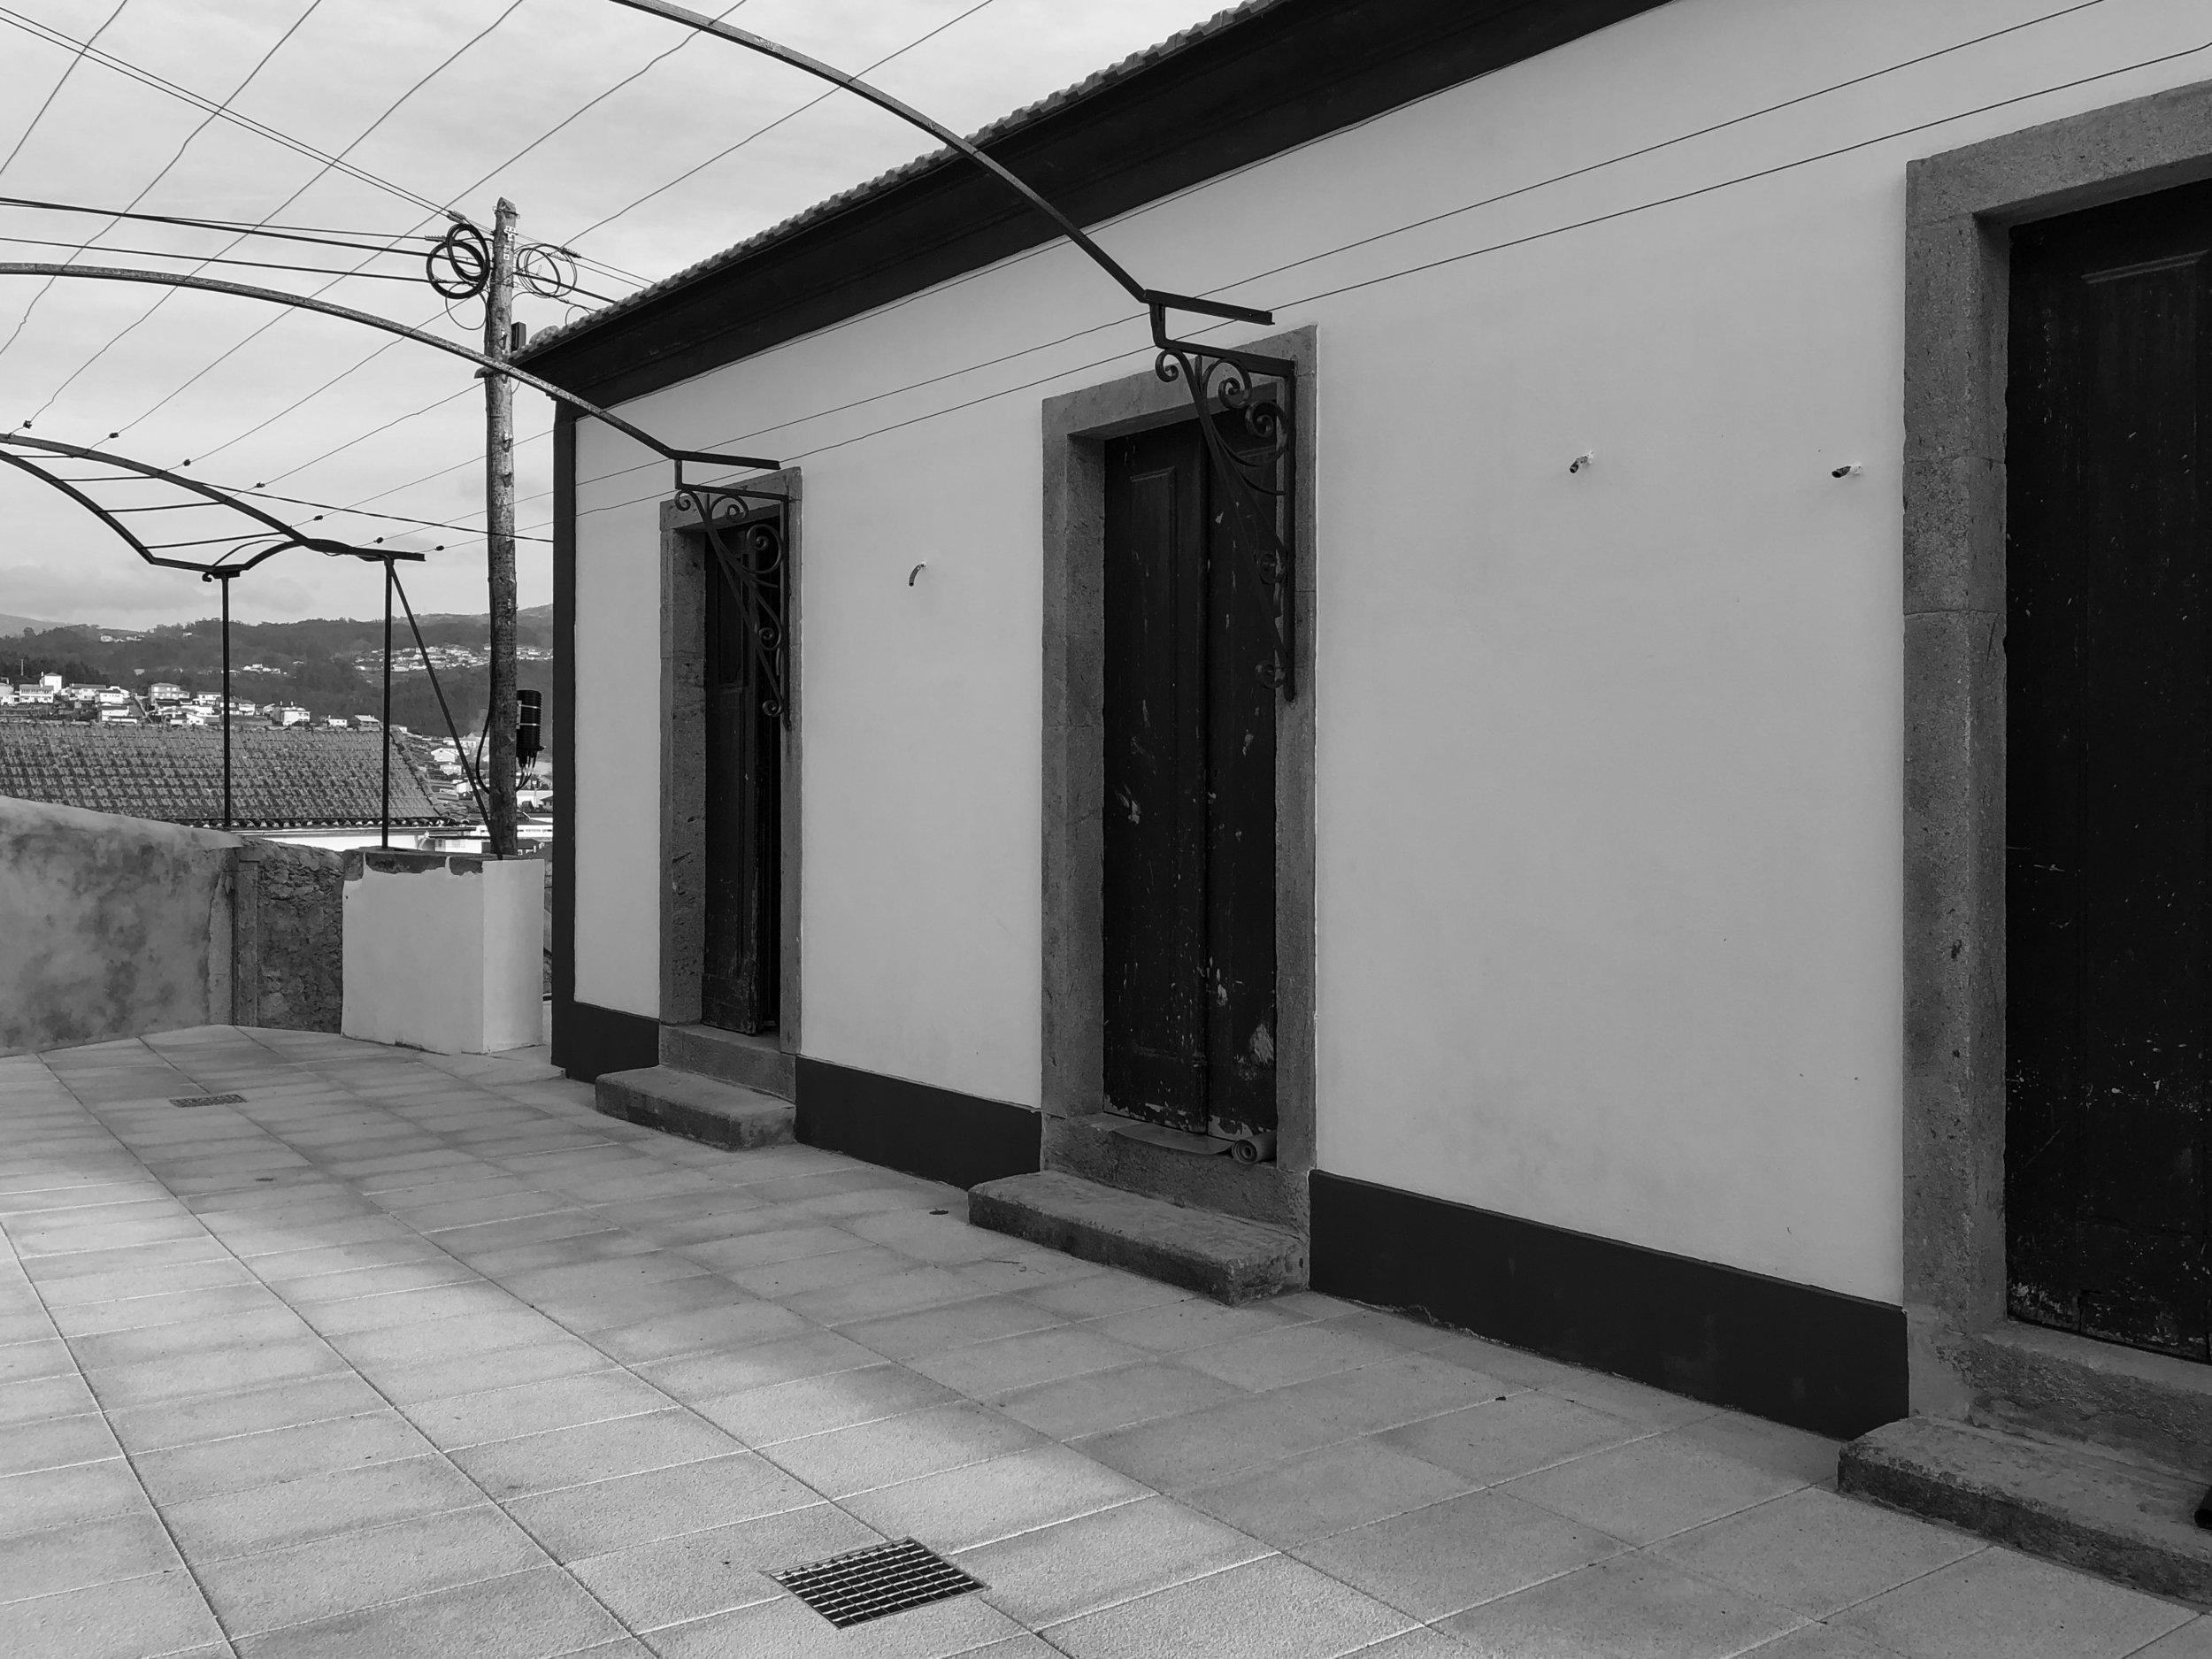 Moradia Coelhosa - EVA evolutionary architecture - remodelação - reconstrução - arquitectura - vale de cambra (5).jpg